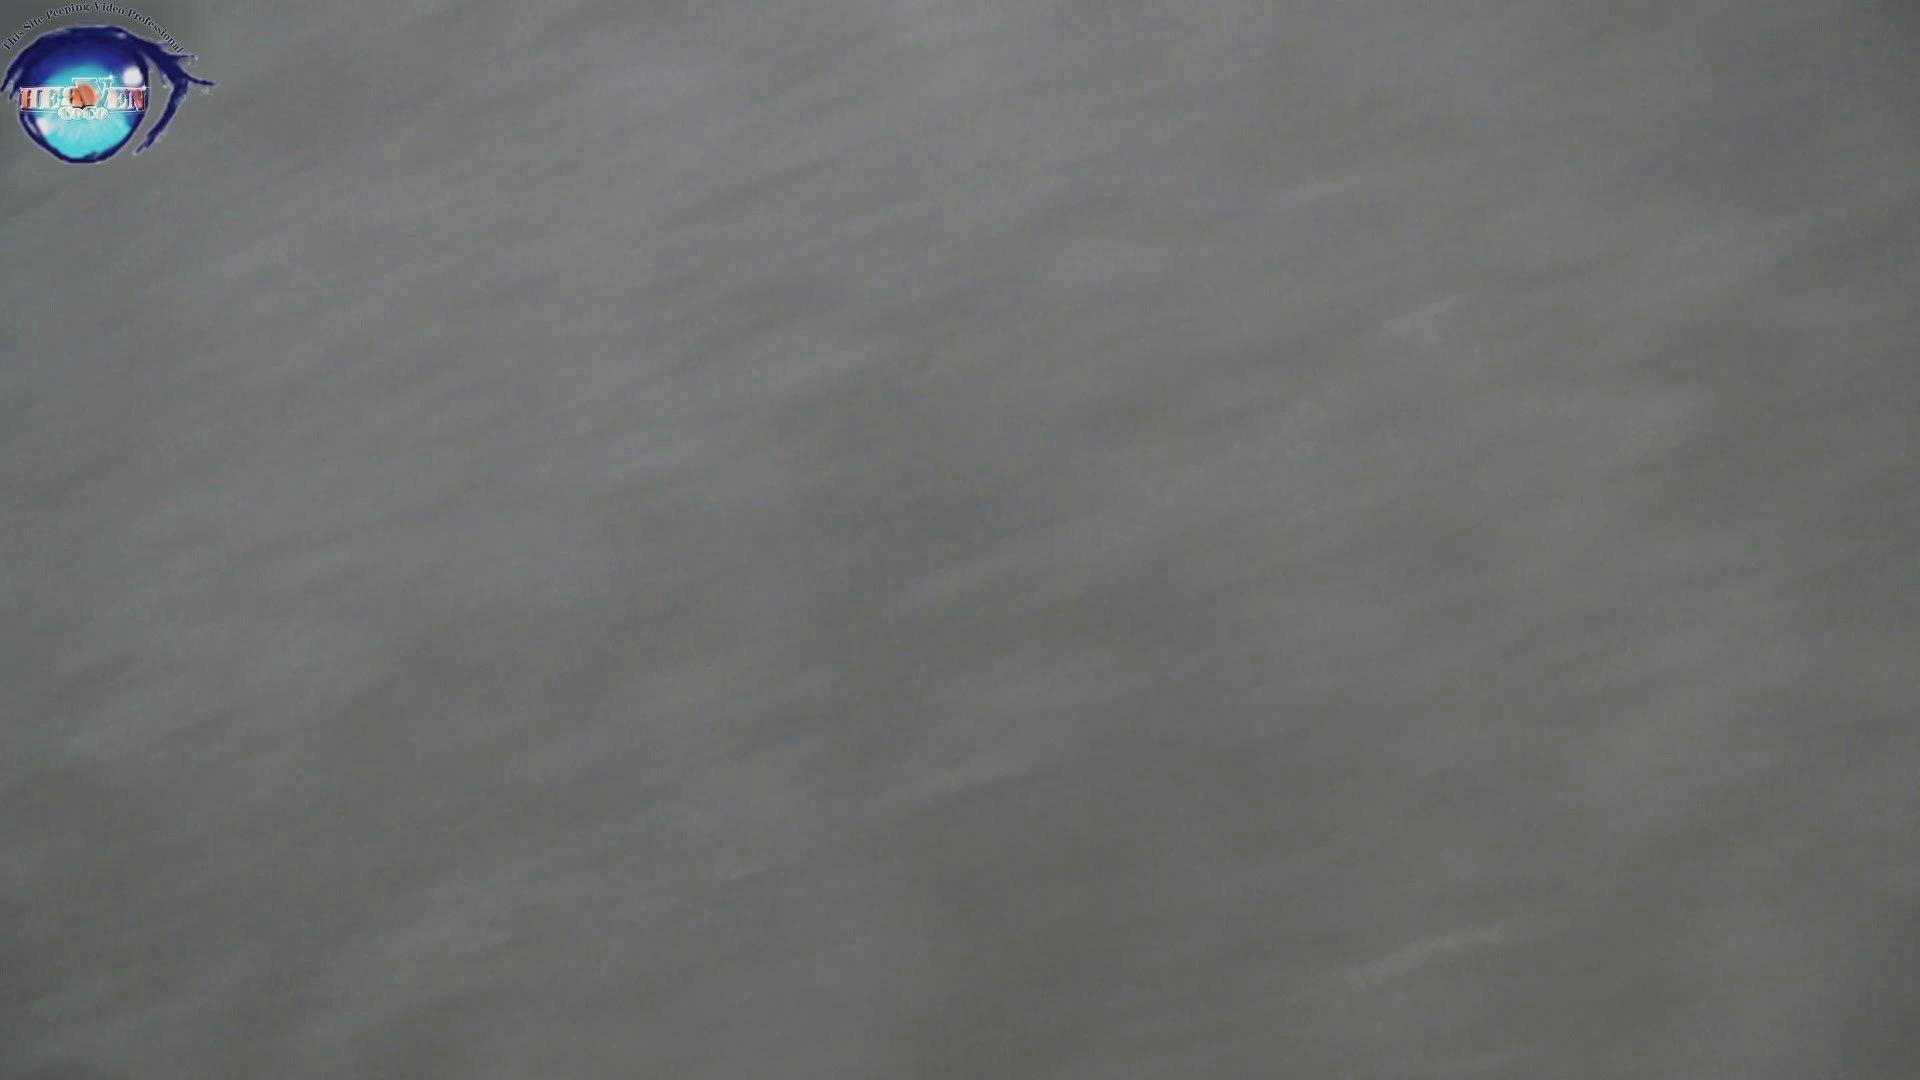 洗面所突入レポート!!お銀 vol.67 新たな場所への挑戦が始まる!!後編 女子トイレ 女性器鑑賞 92枚